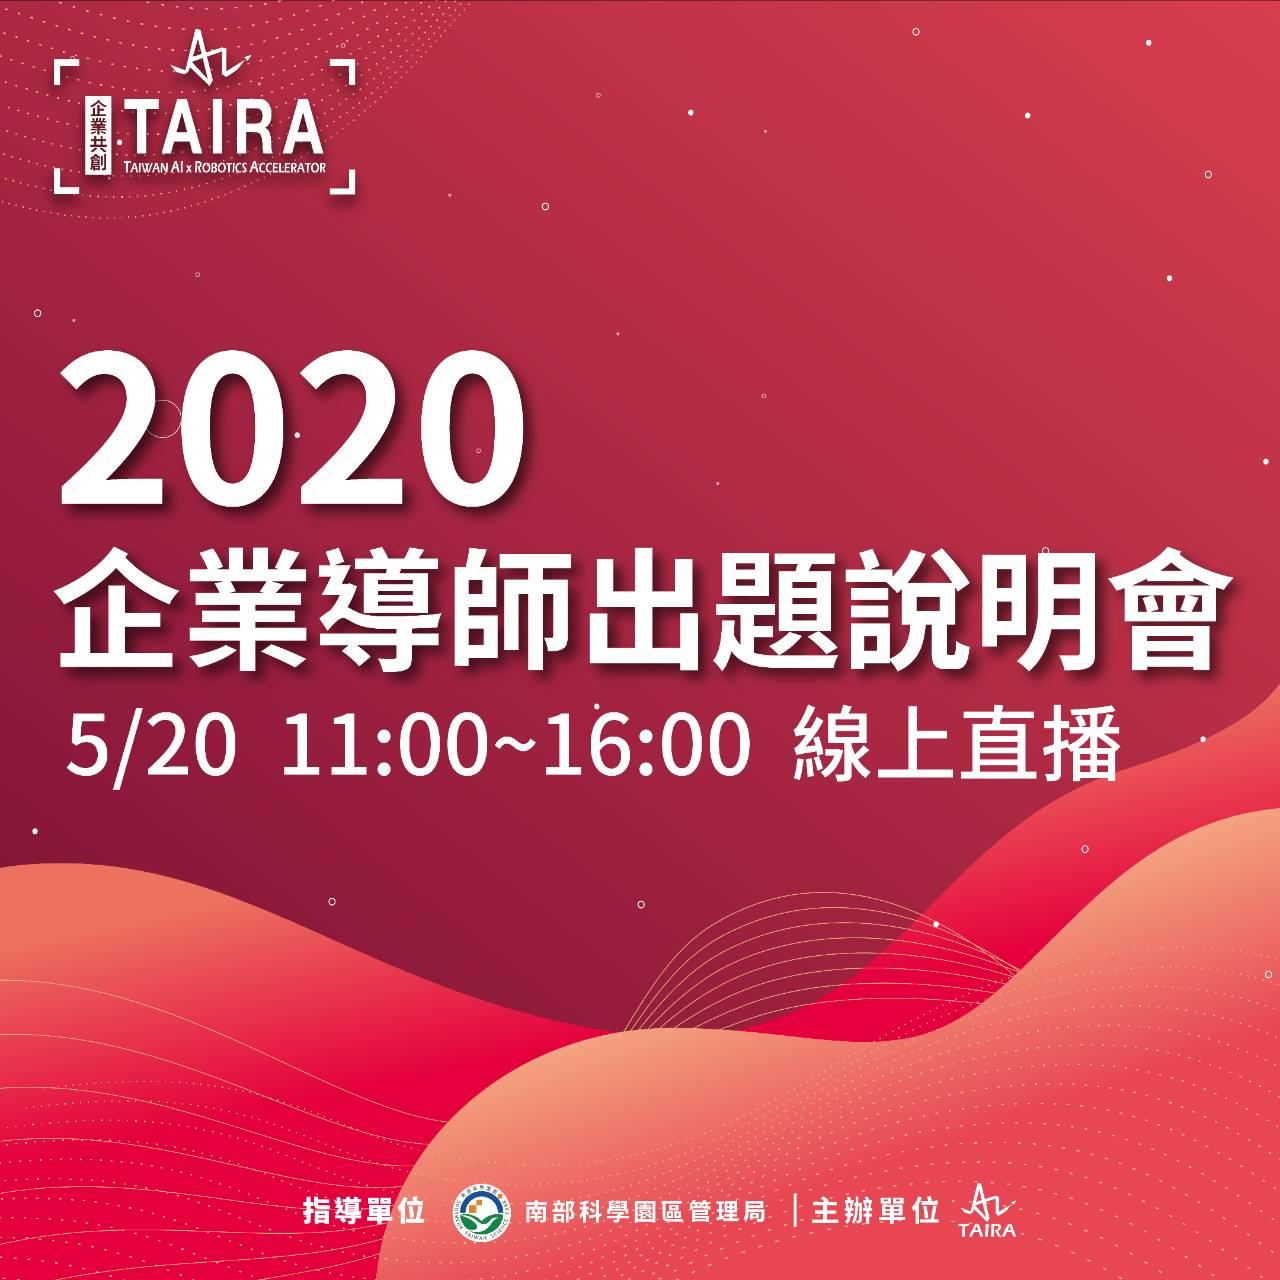 第三屆 TAIRA加速器 企業出題說明會